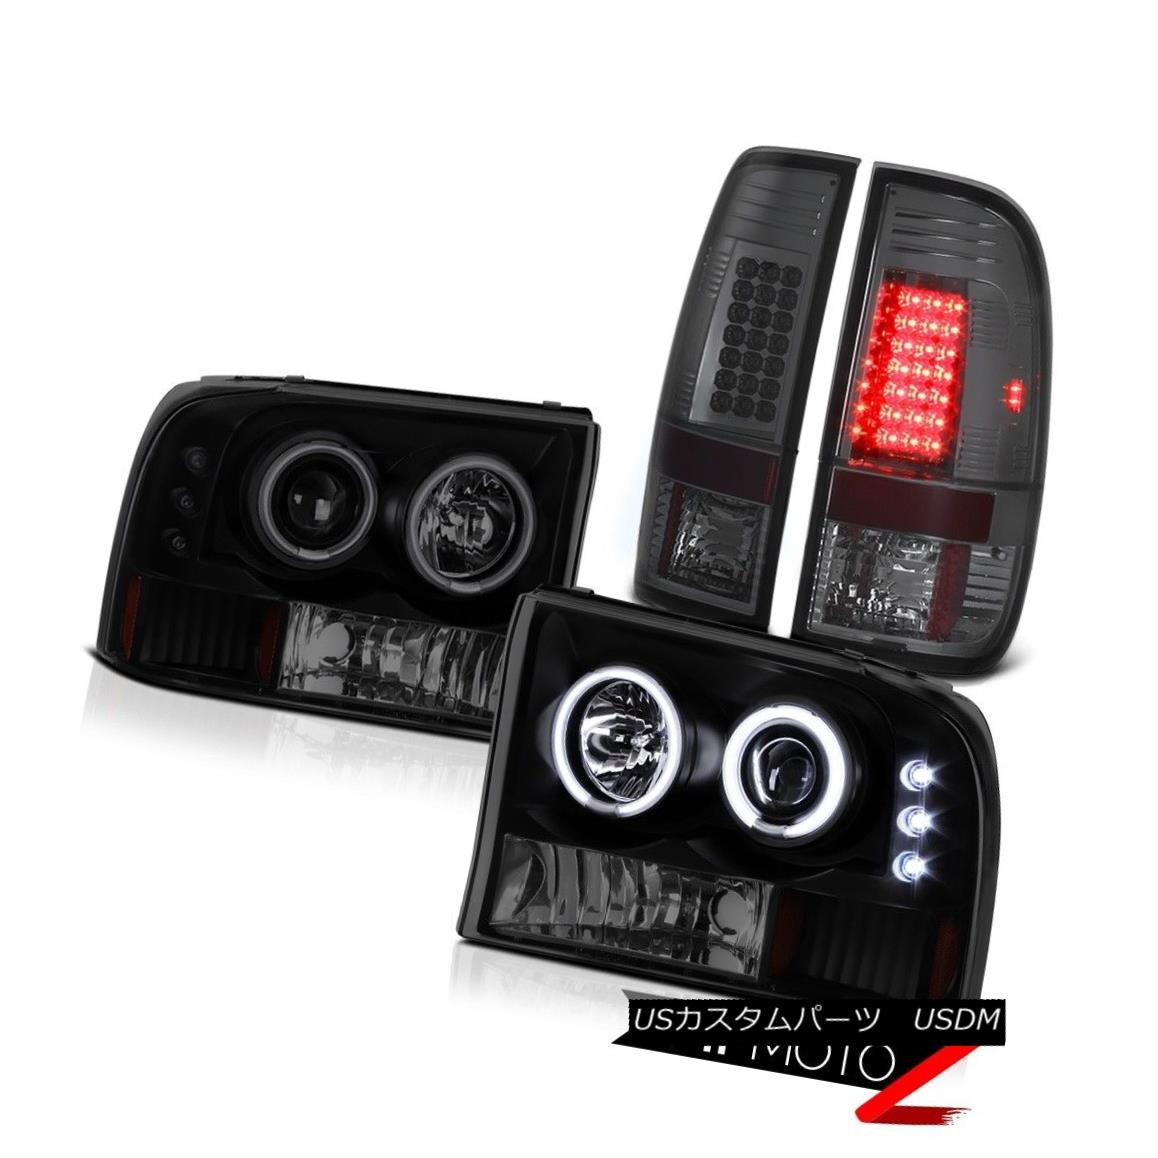 テールライト 99-04 F250/350/450 Smoke LED Rear Tail Light CCFL Angel EYe Projector Headlights 99-04 F250 / 350/450スモークLEDリアテールライトCCFLエンジェルEYeプロジェクターヘッドライト